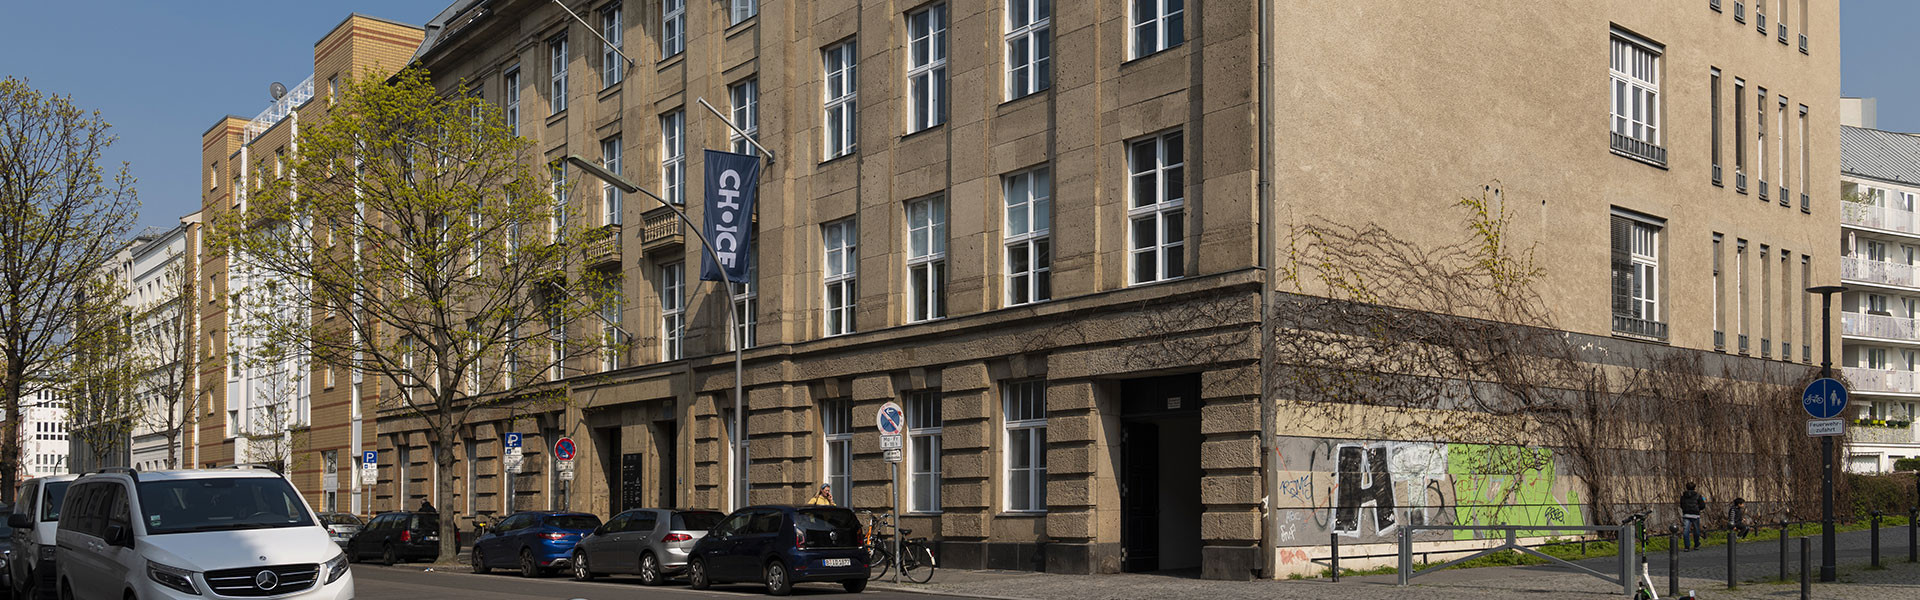 Kaliwerk Gebäude in Berlin, Straßenansicht